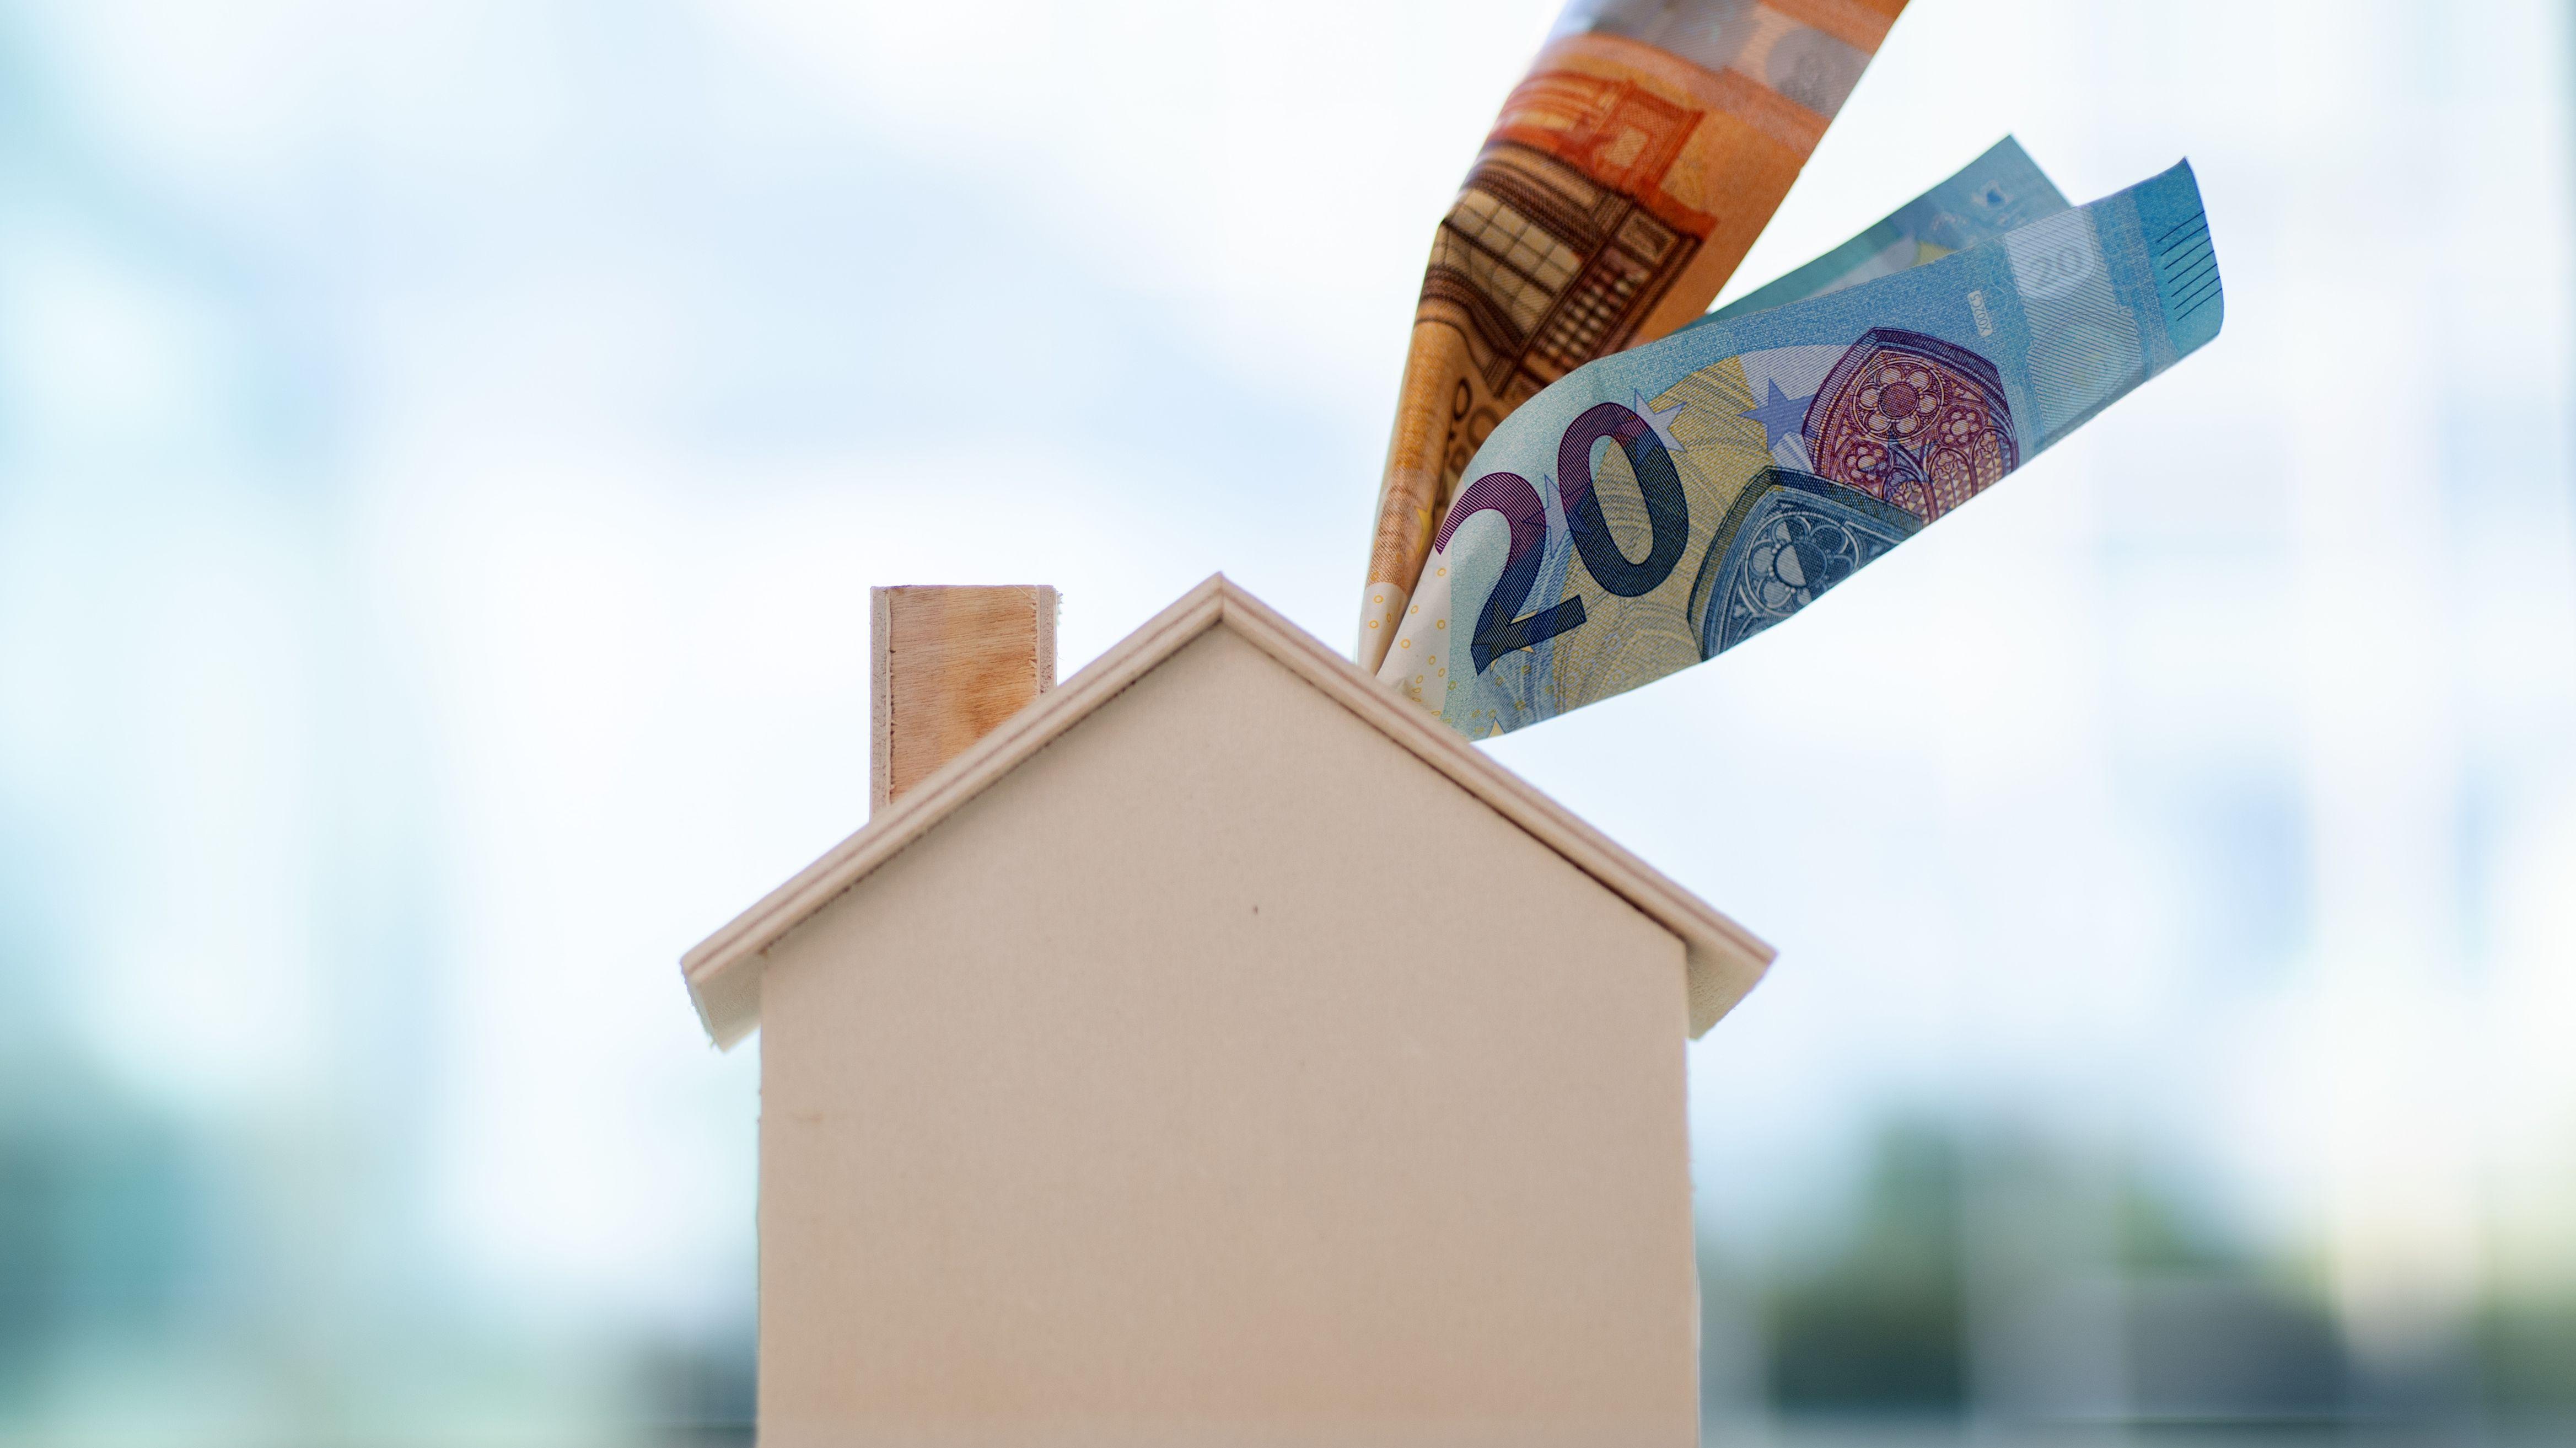 Ein Hausmodell und darin steckende Geldscheine als Symbolbild.